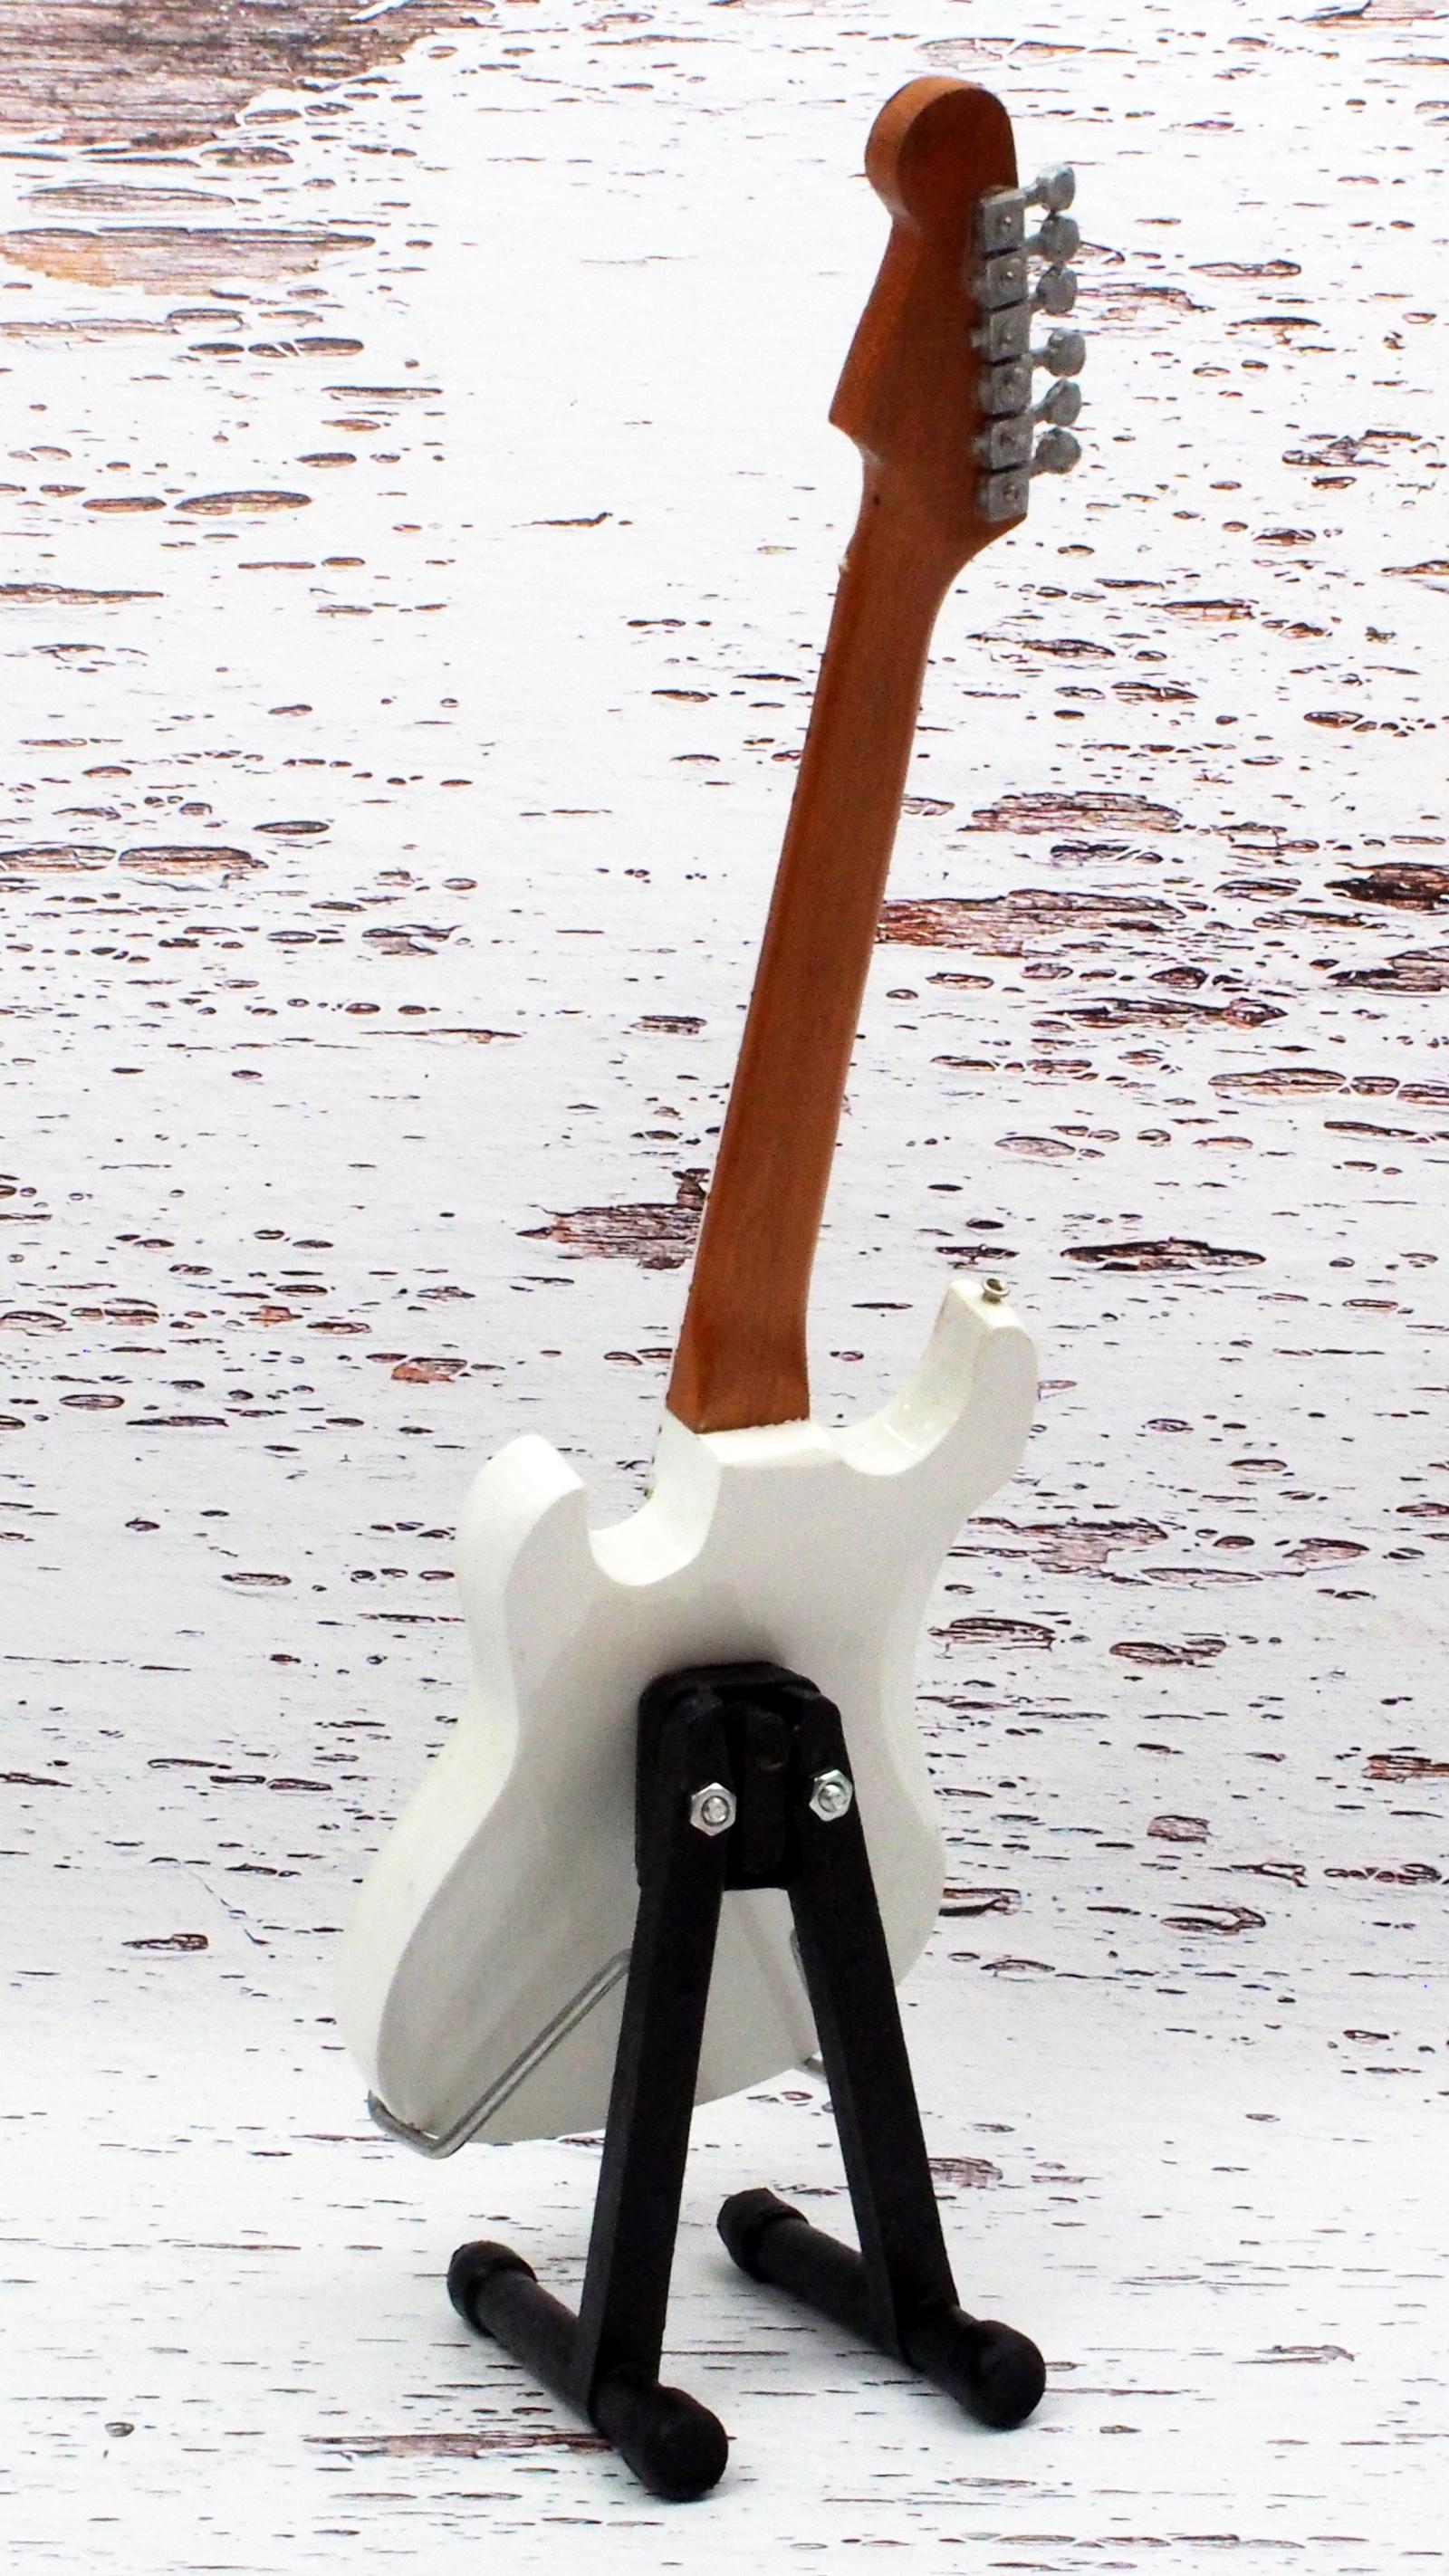 E-Model ミニチュア ギター エリック クラプトン クラッシュ 3 スタイル画像